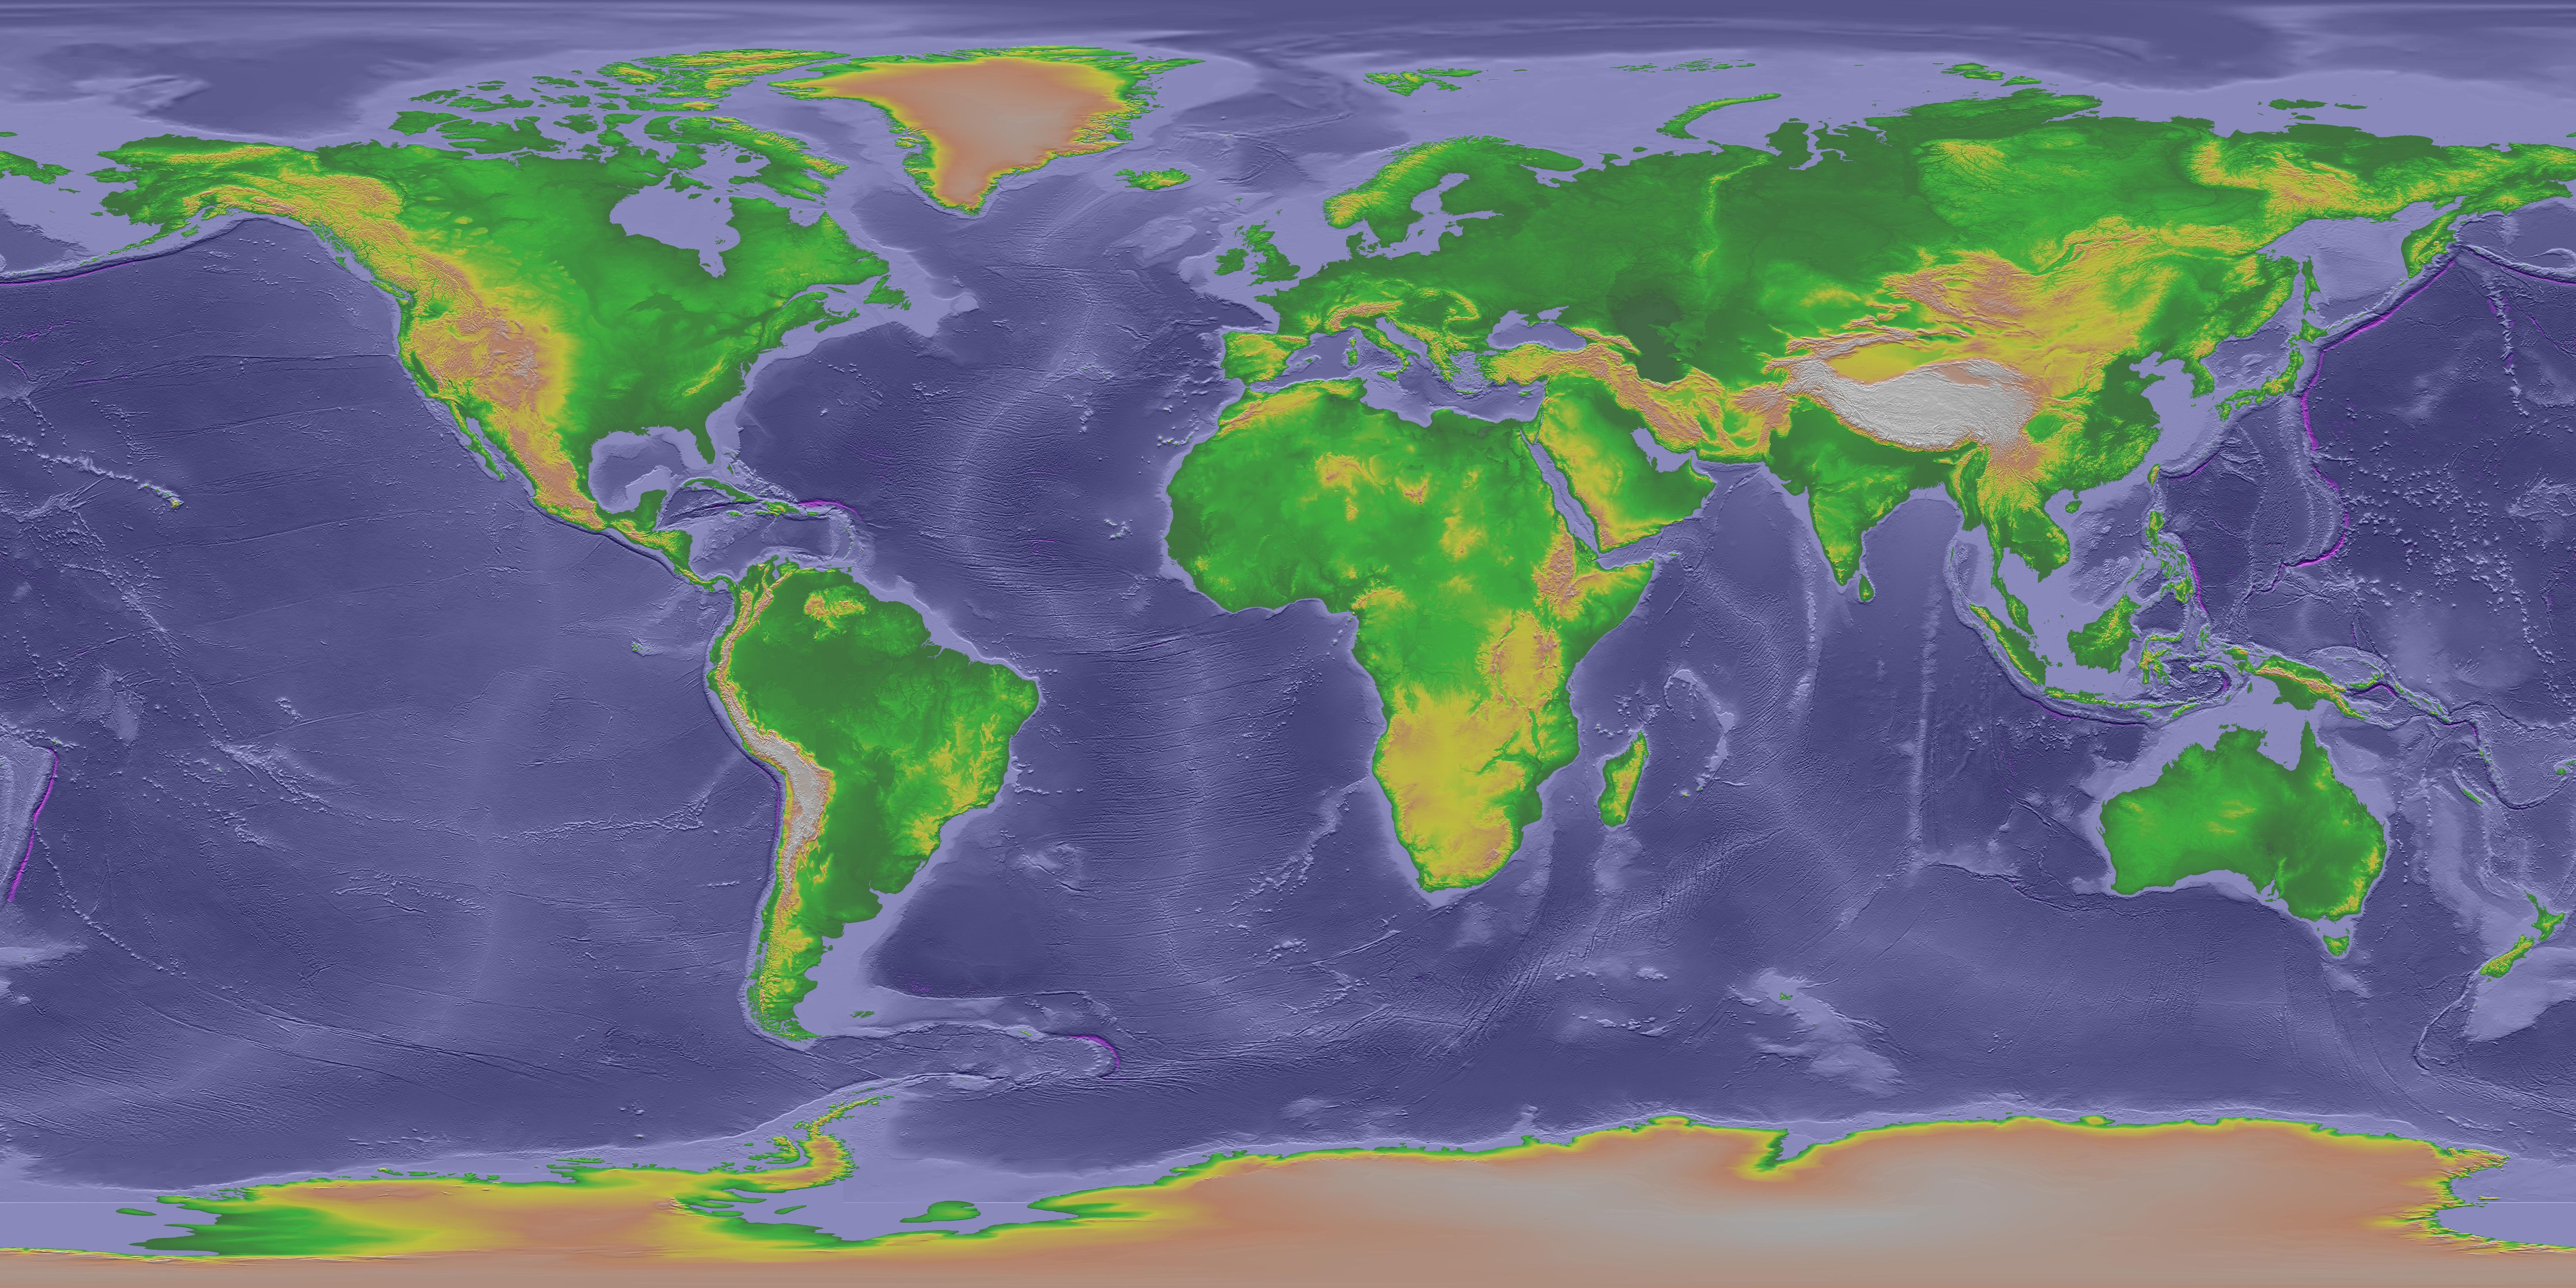 Earthguide Online Classroom Plate Tectonics - Earth terrain map